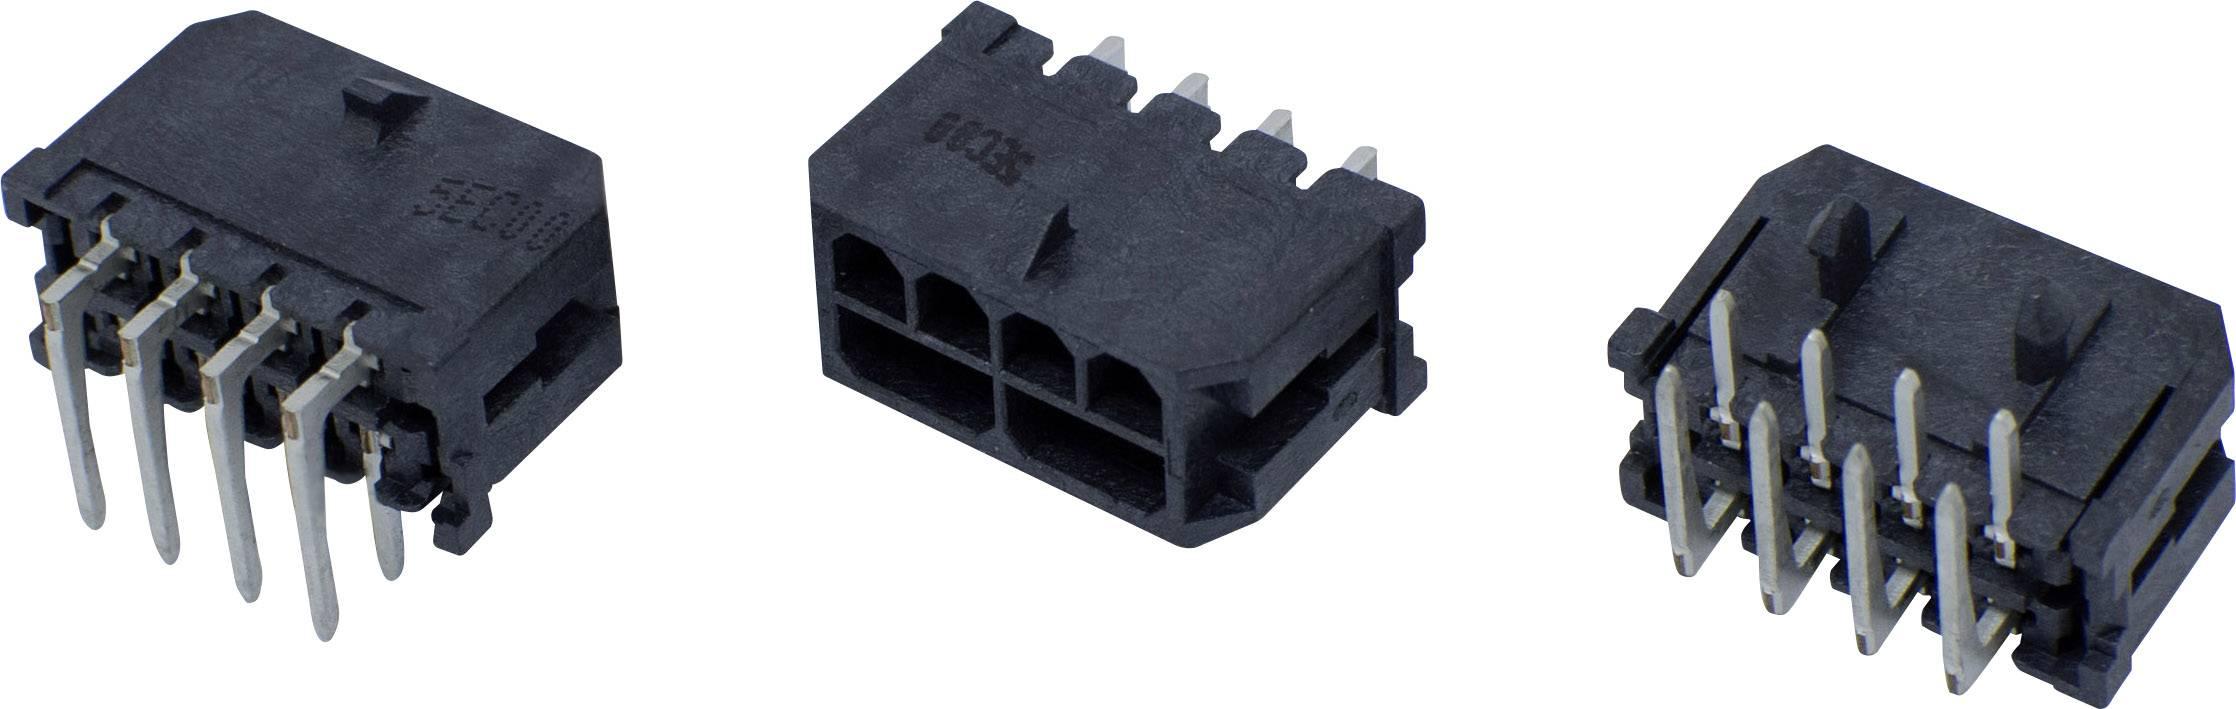 Pinová lišta (štandardná) BellWether 70095-1008, pólů 10, rozteč 3 mm, 1 ks